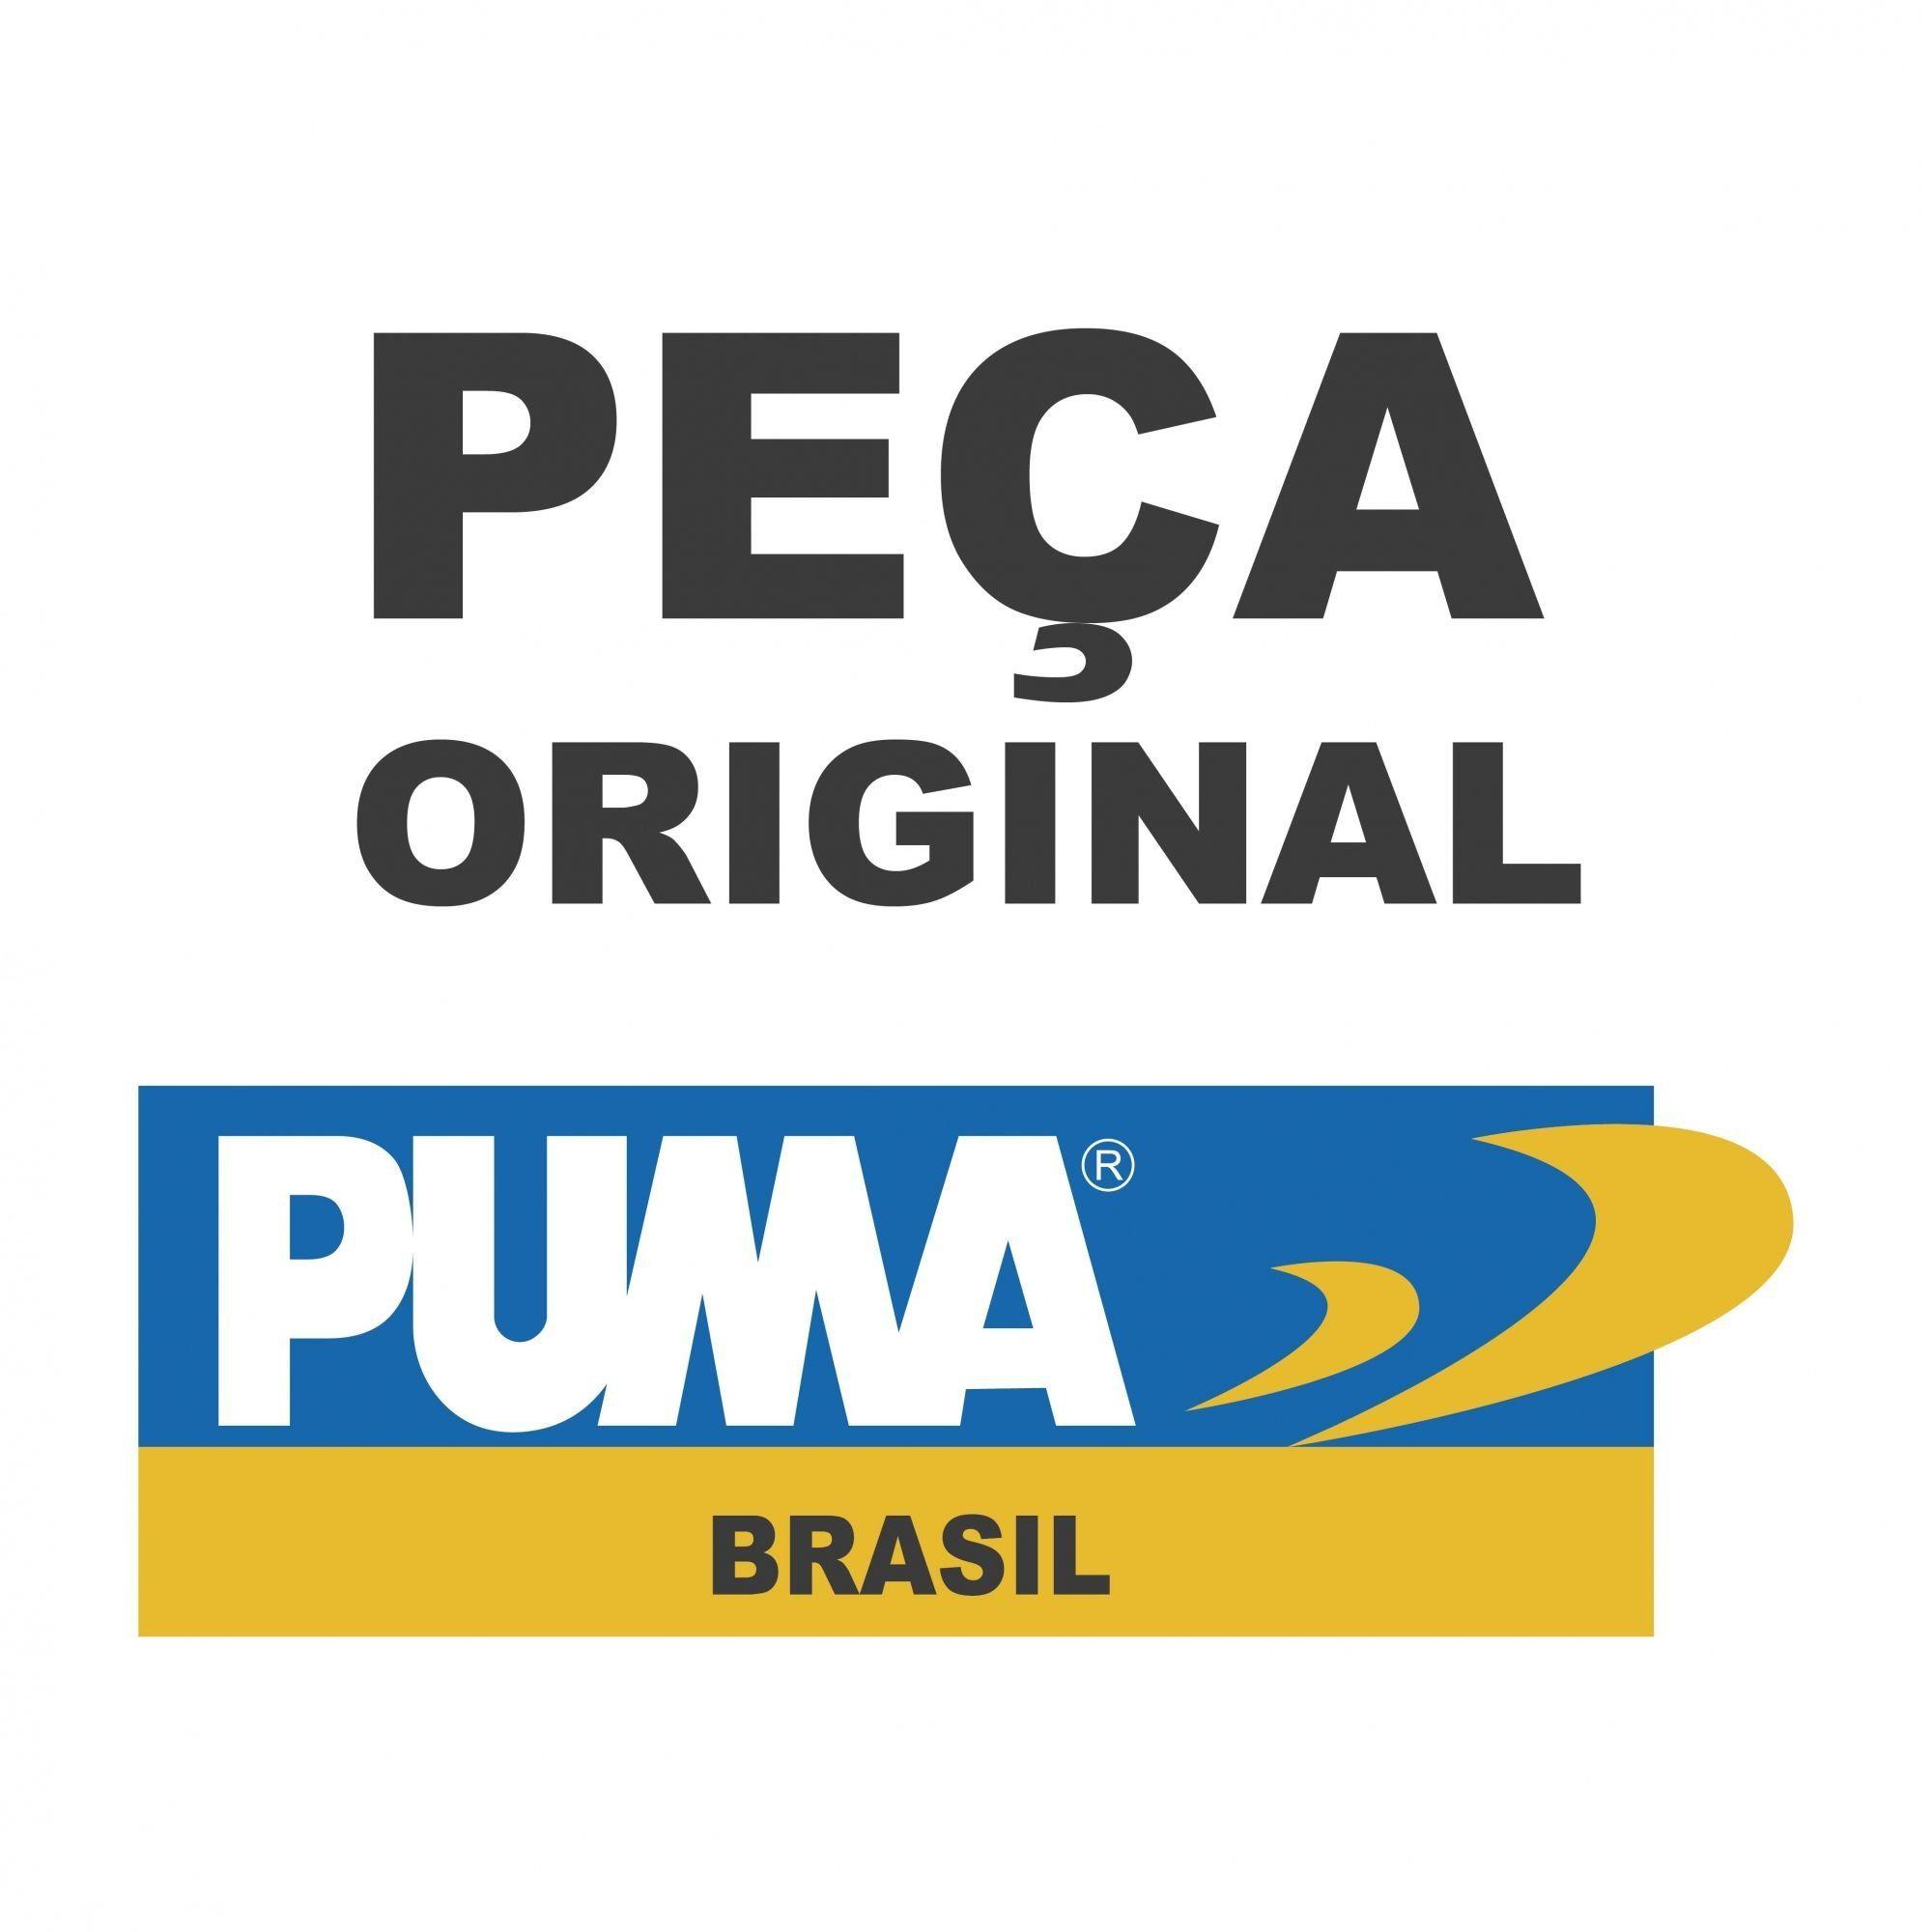 O'RING - PEÇA PNEUMÁTICA PUMA - T4038I-05